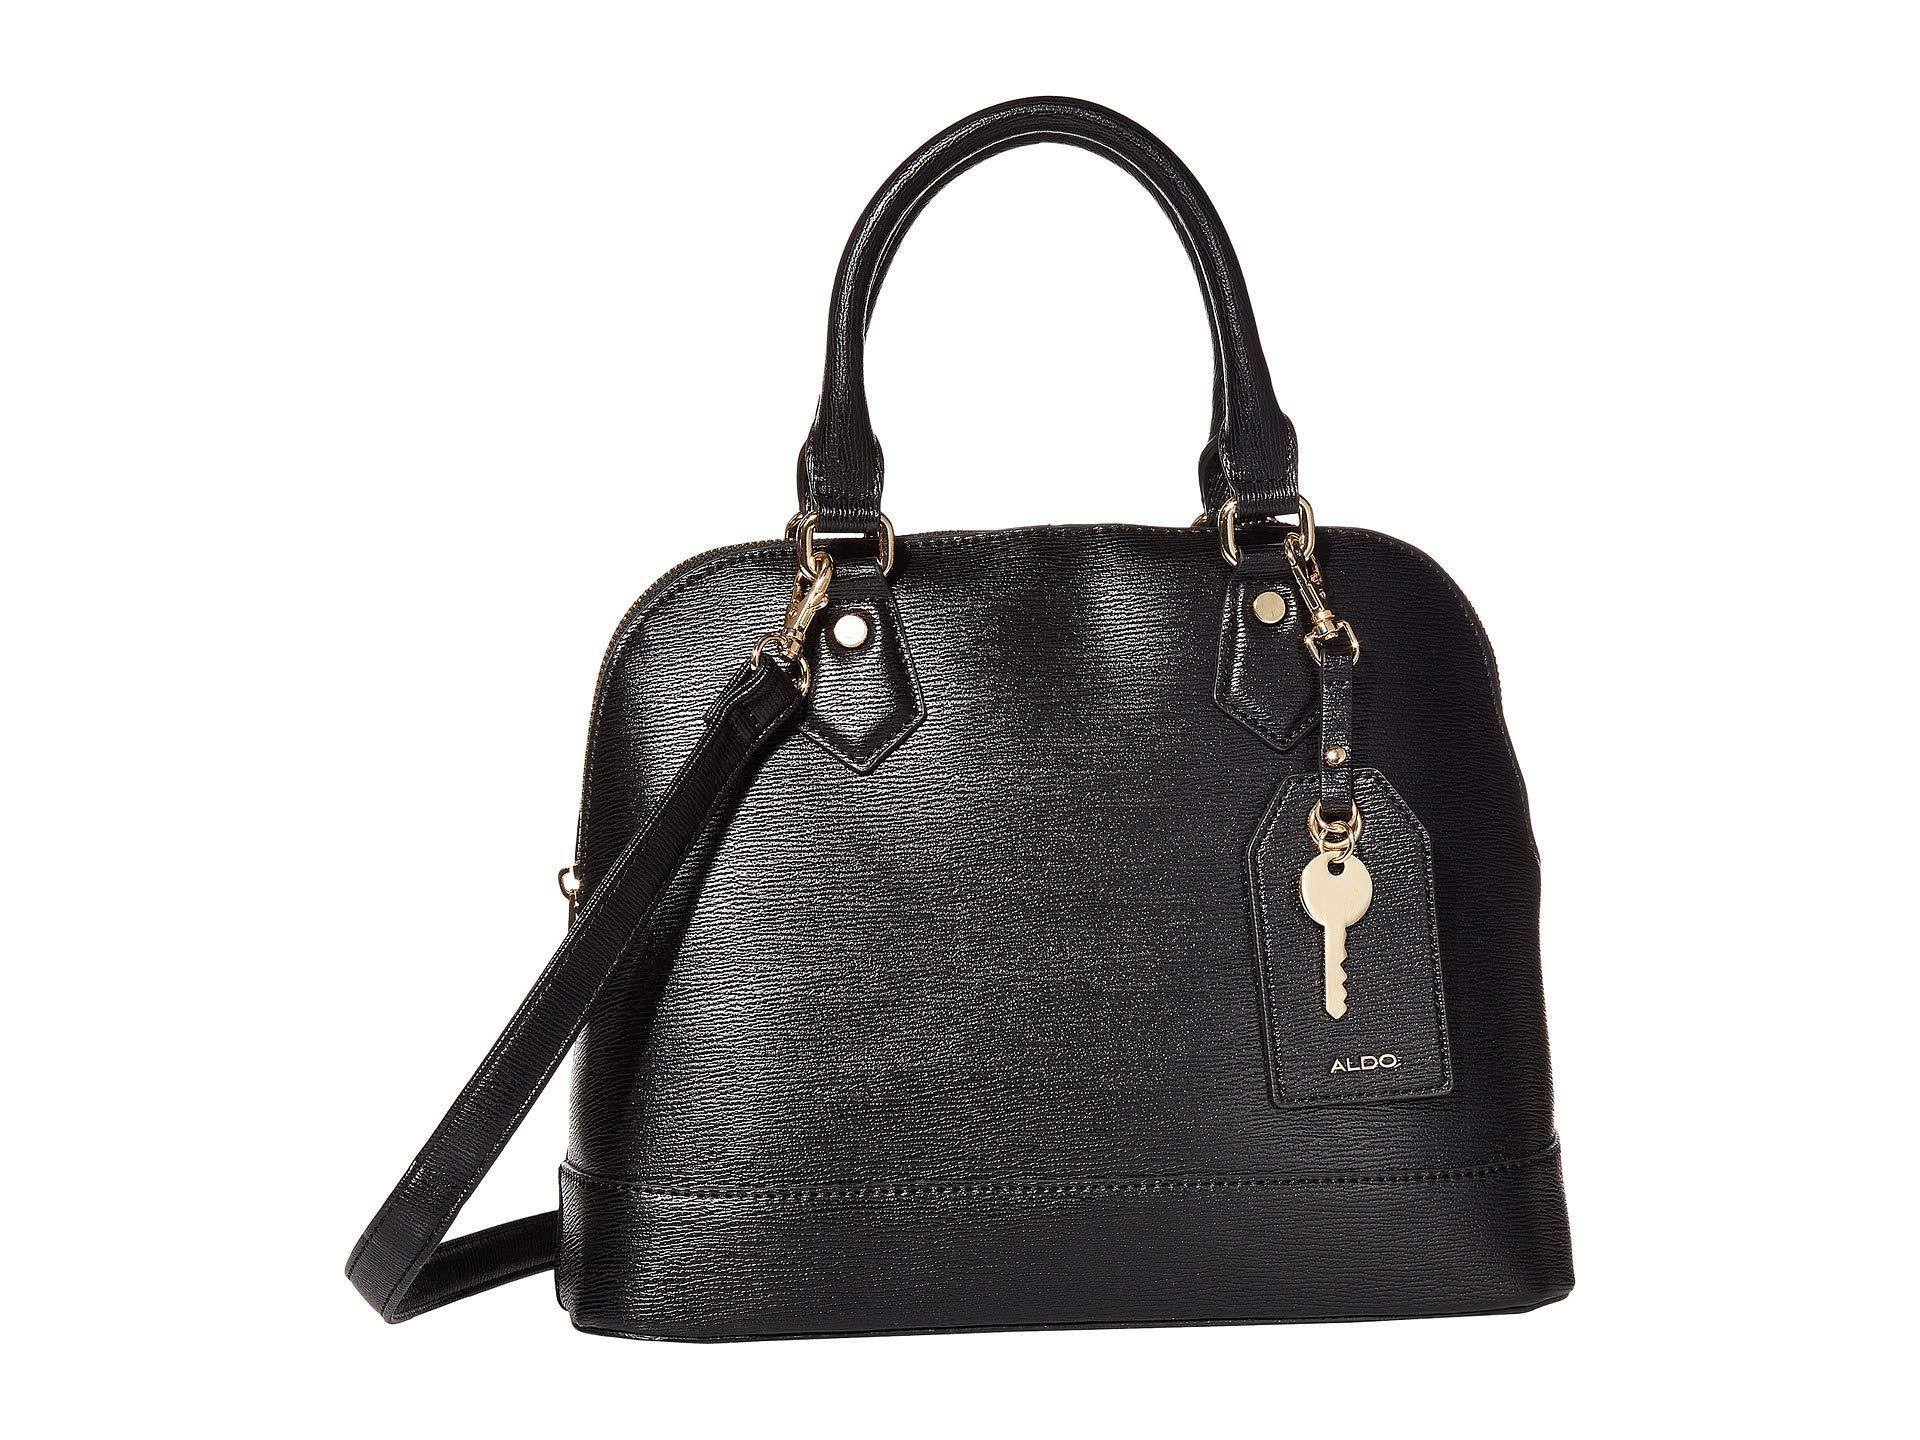 ویکالا · خرید  اصل اورجینال · خرید از آمازون · ALDO Afylle Black One Size wekala · ویکالا